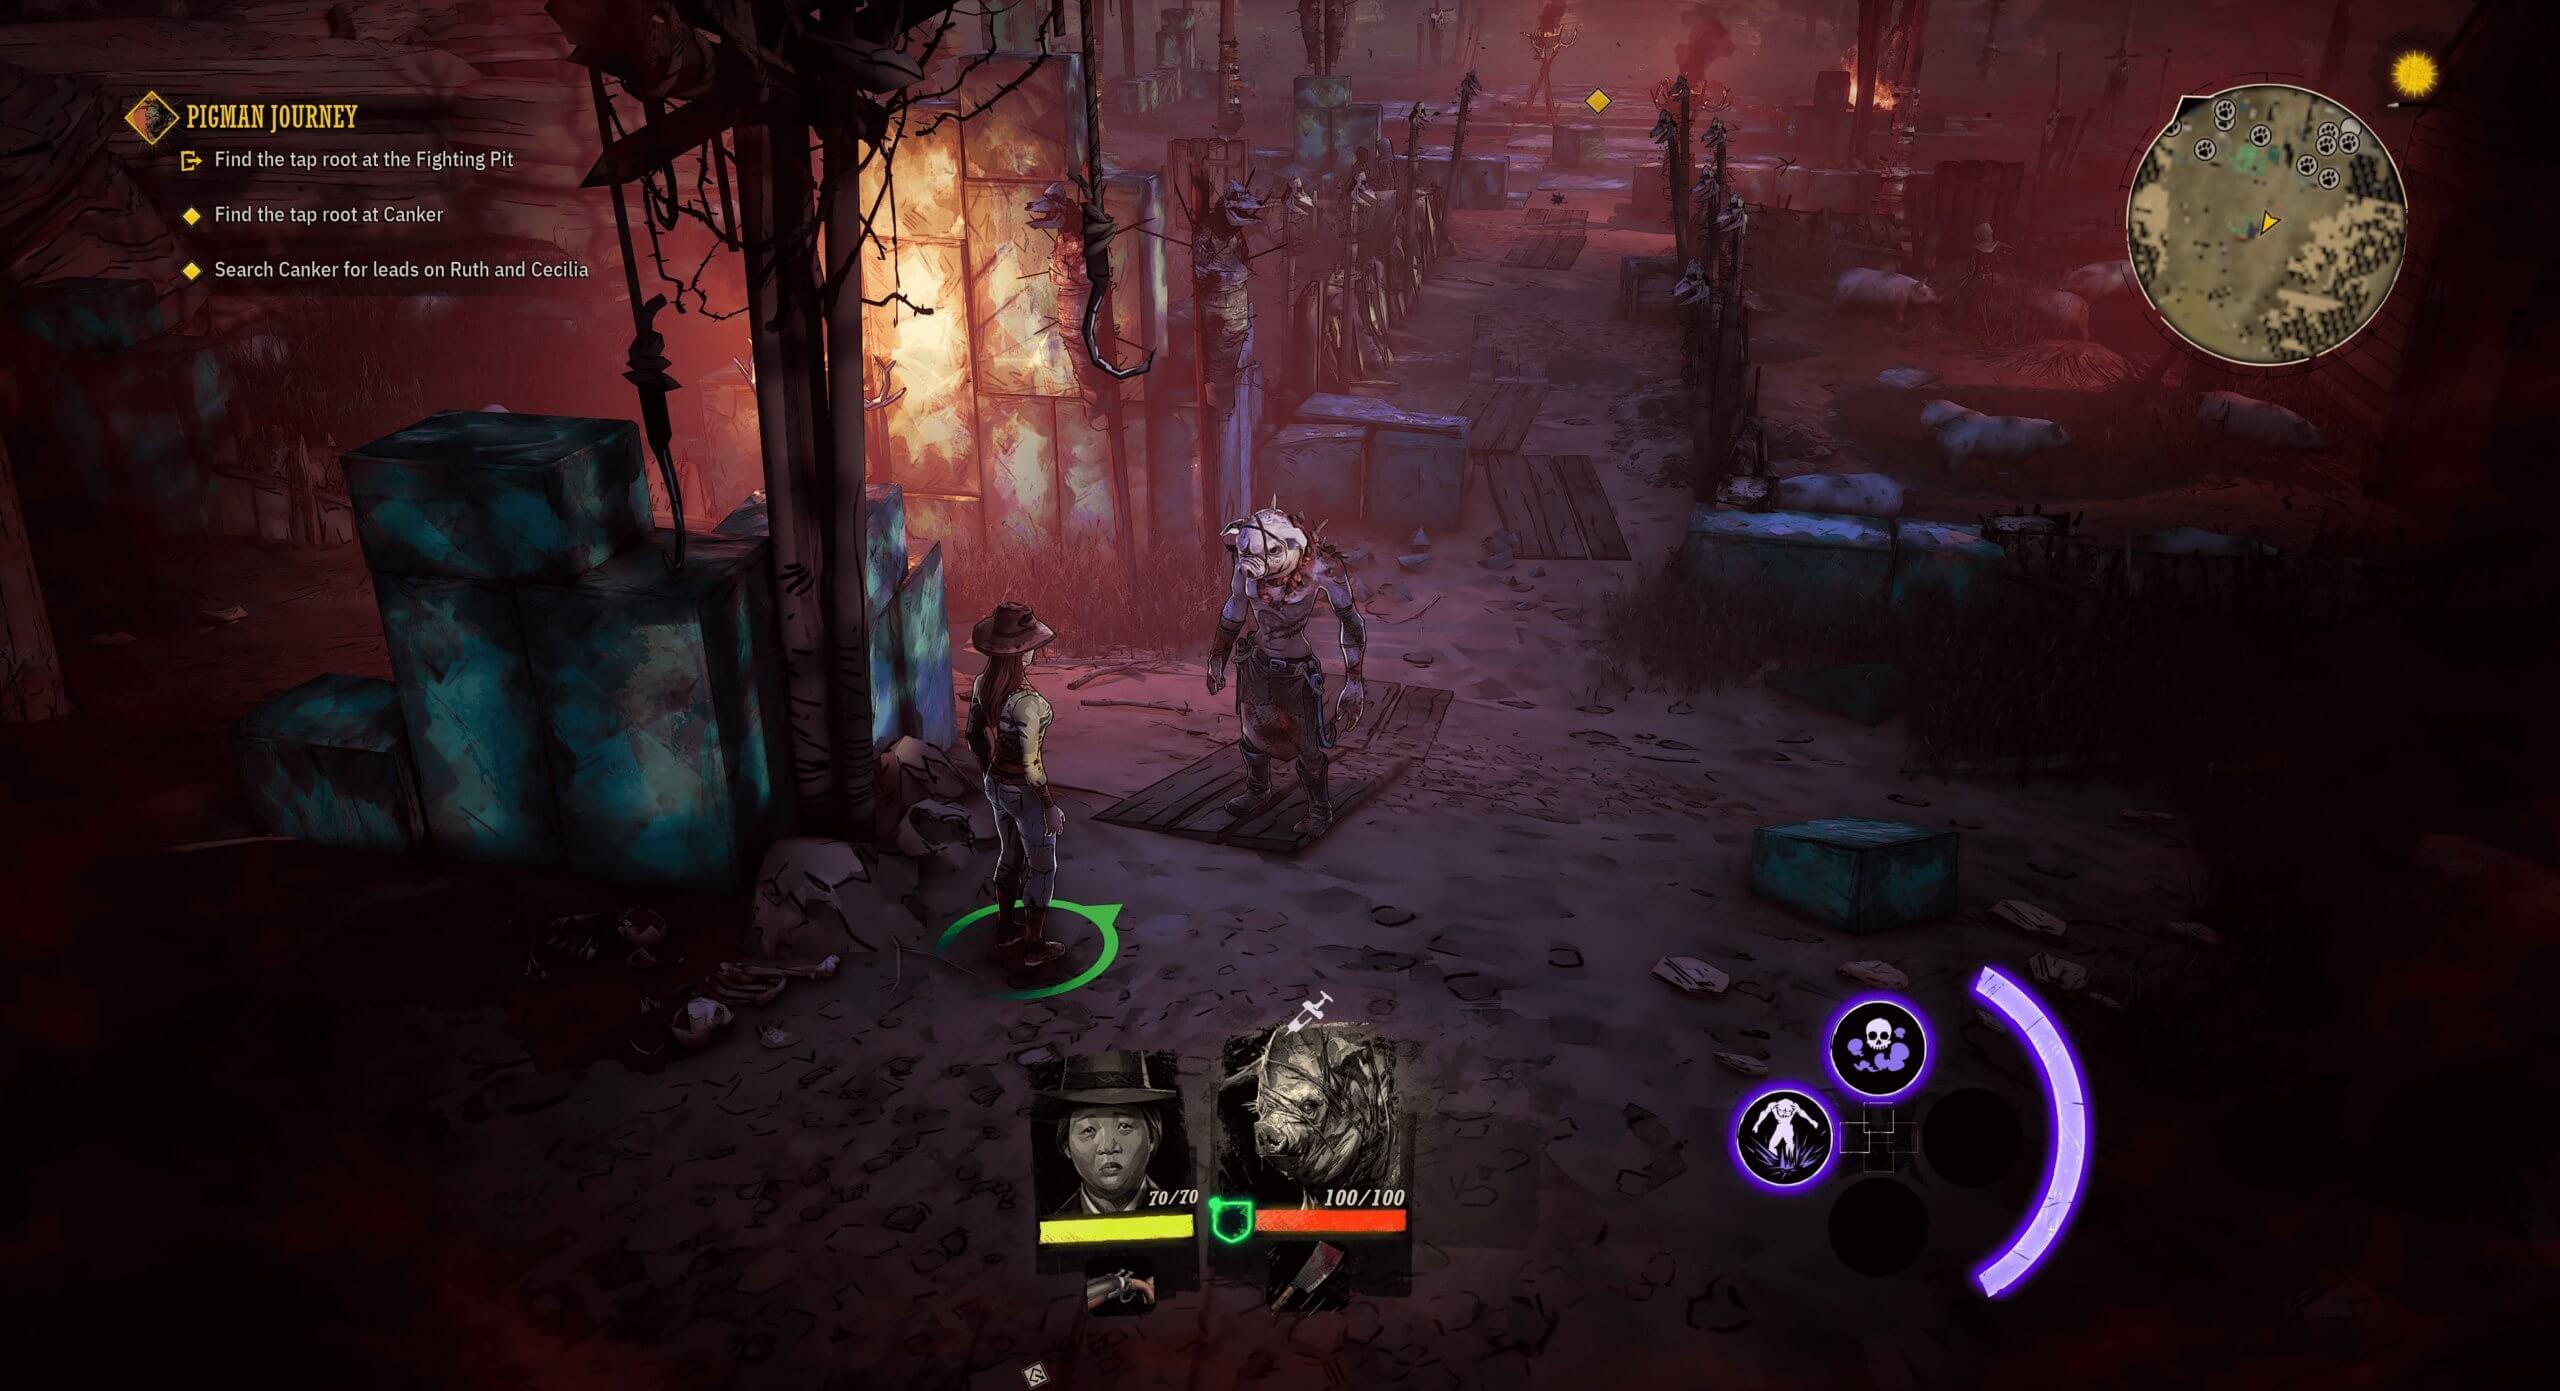 El surrealismo de Weird West llegará a PS4 en otoño